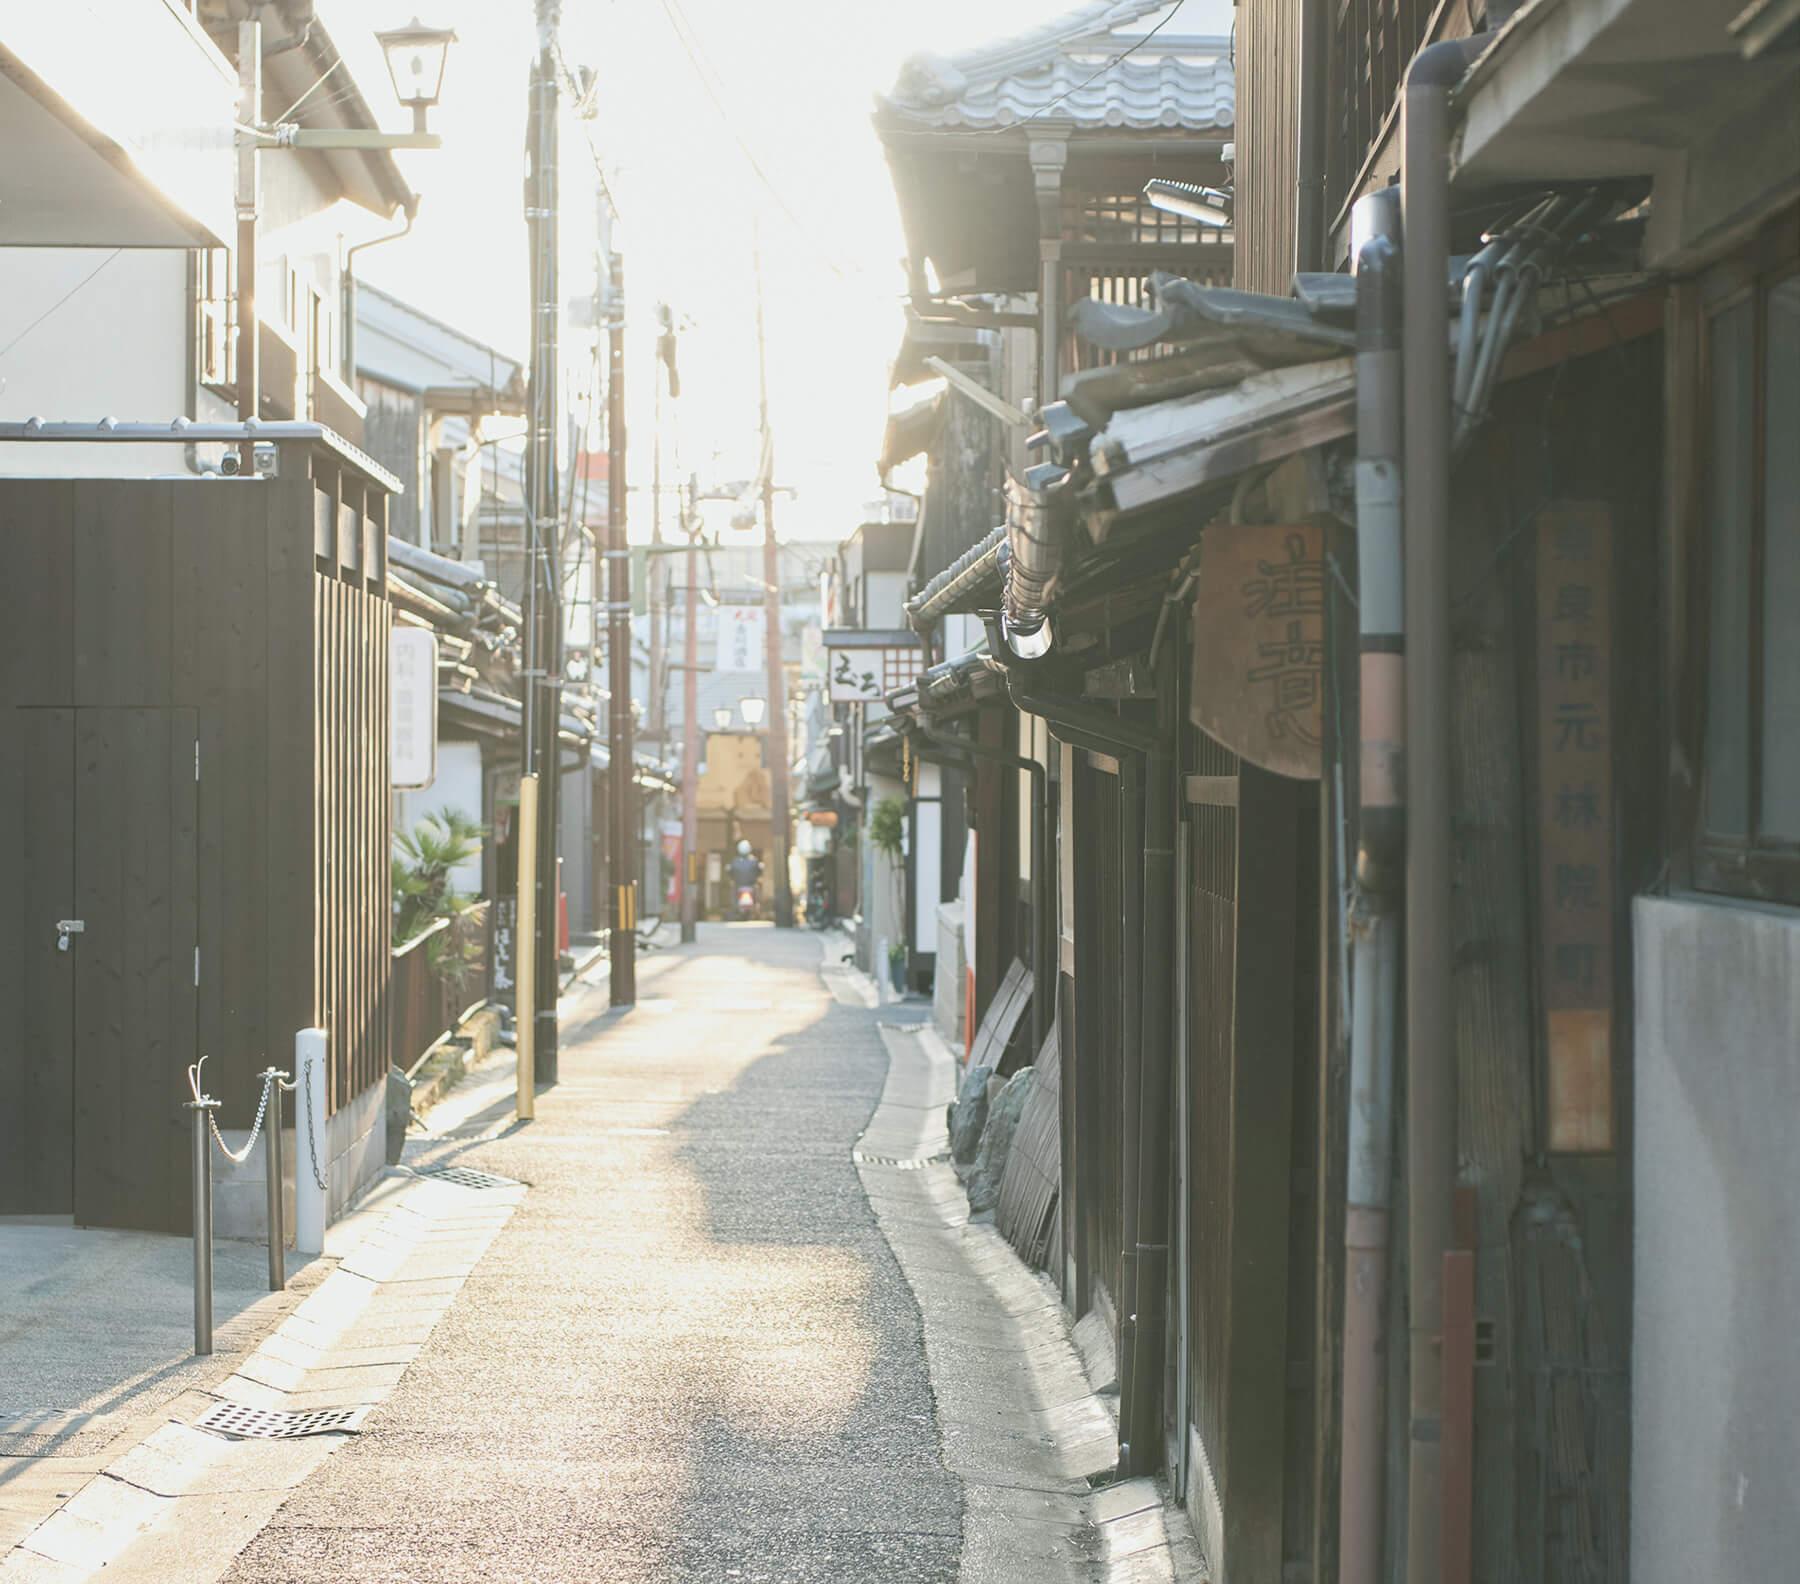 路地を巡り出会う、触れ、学び、味わう奈良。イメージ